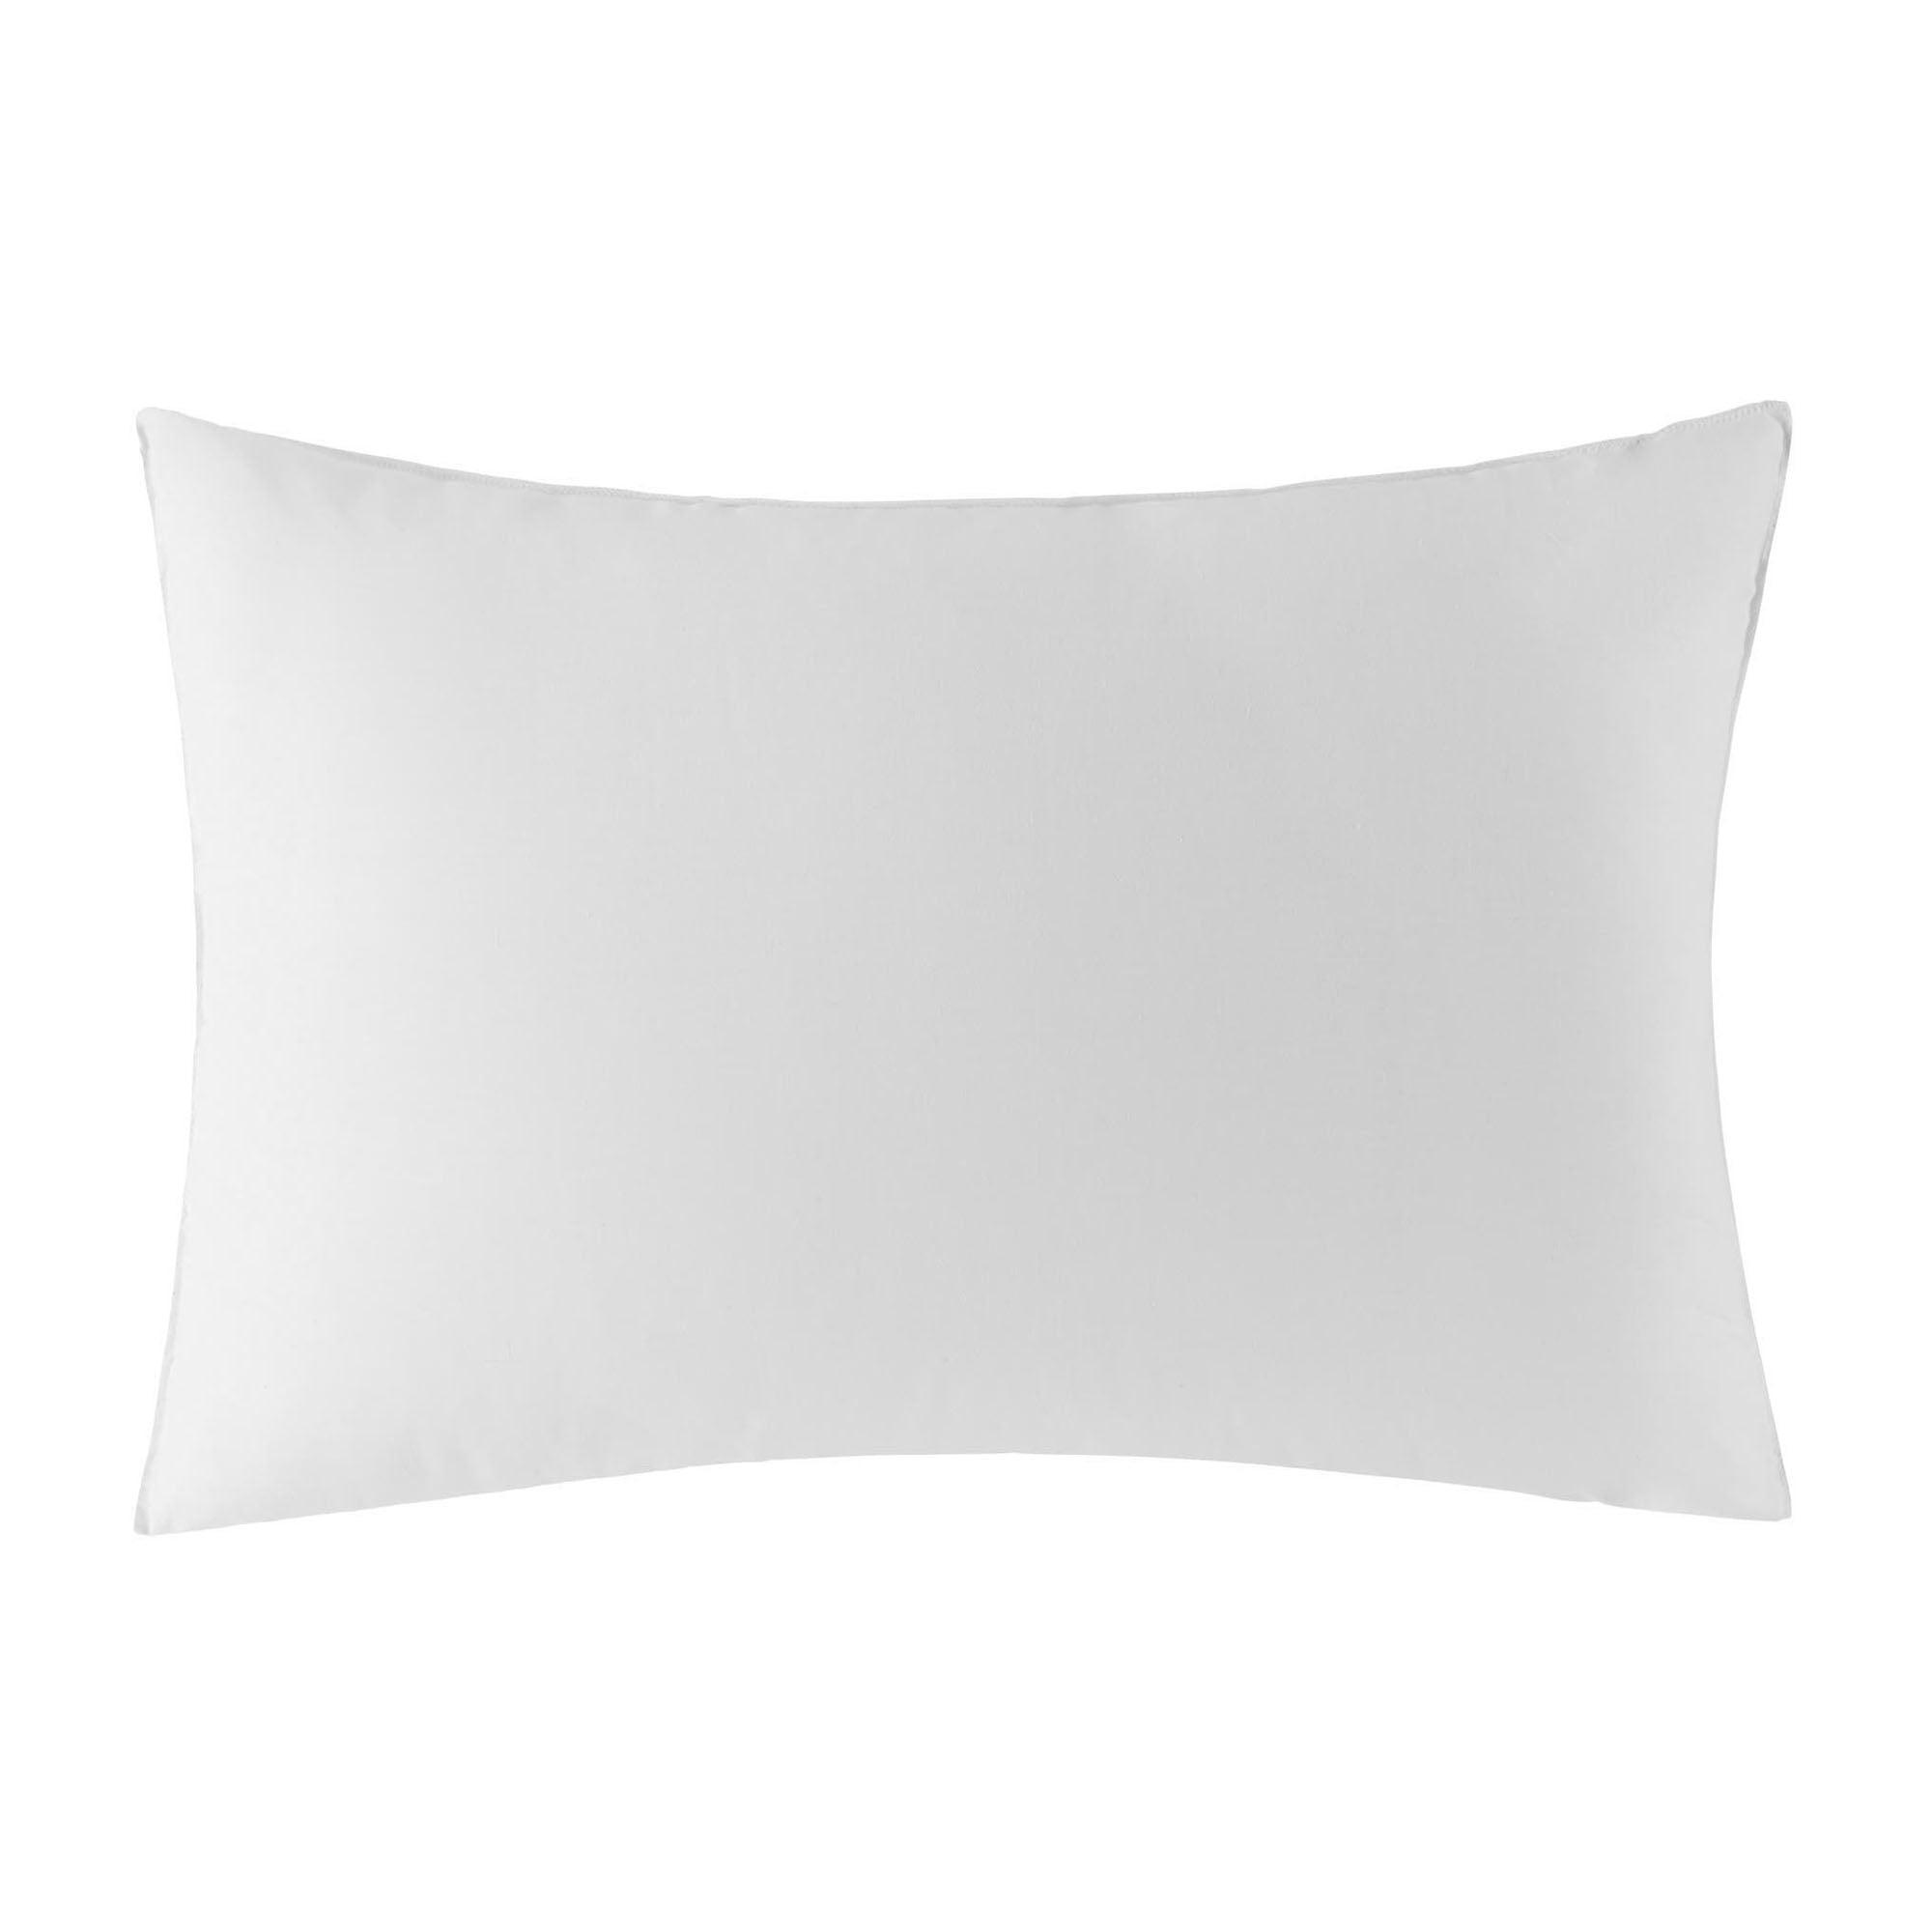 Coussin de garnissage 40x60 cm Blanc